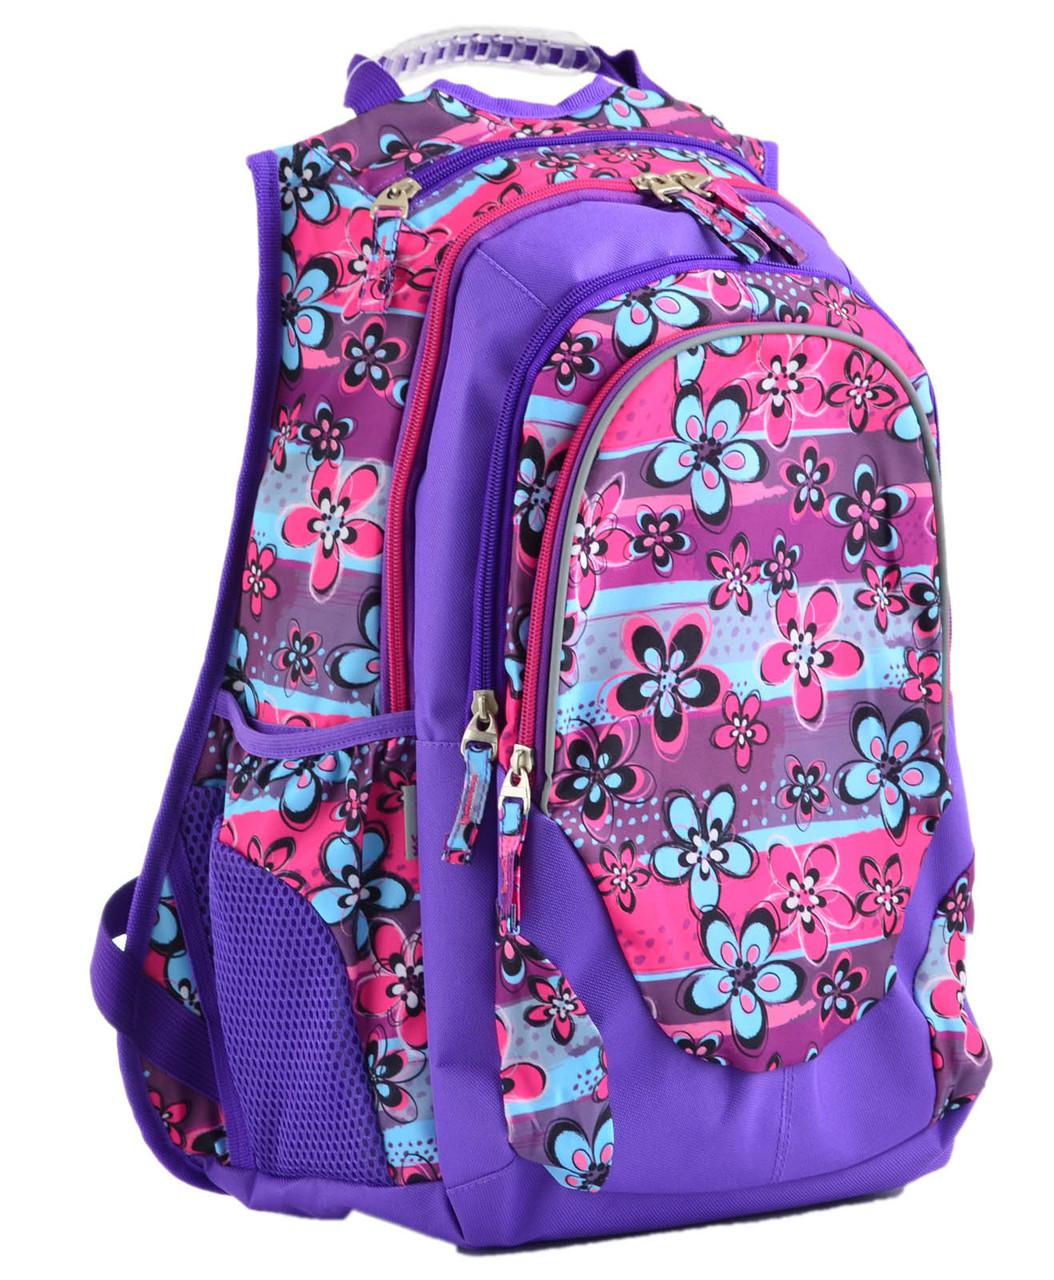 Рюкзак підлітковий Т-27 Wildflowers, 43*26*20